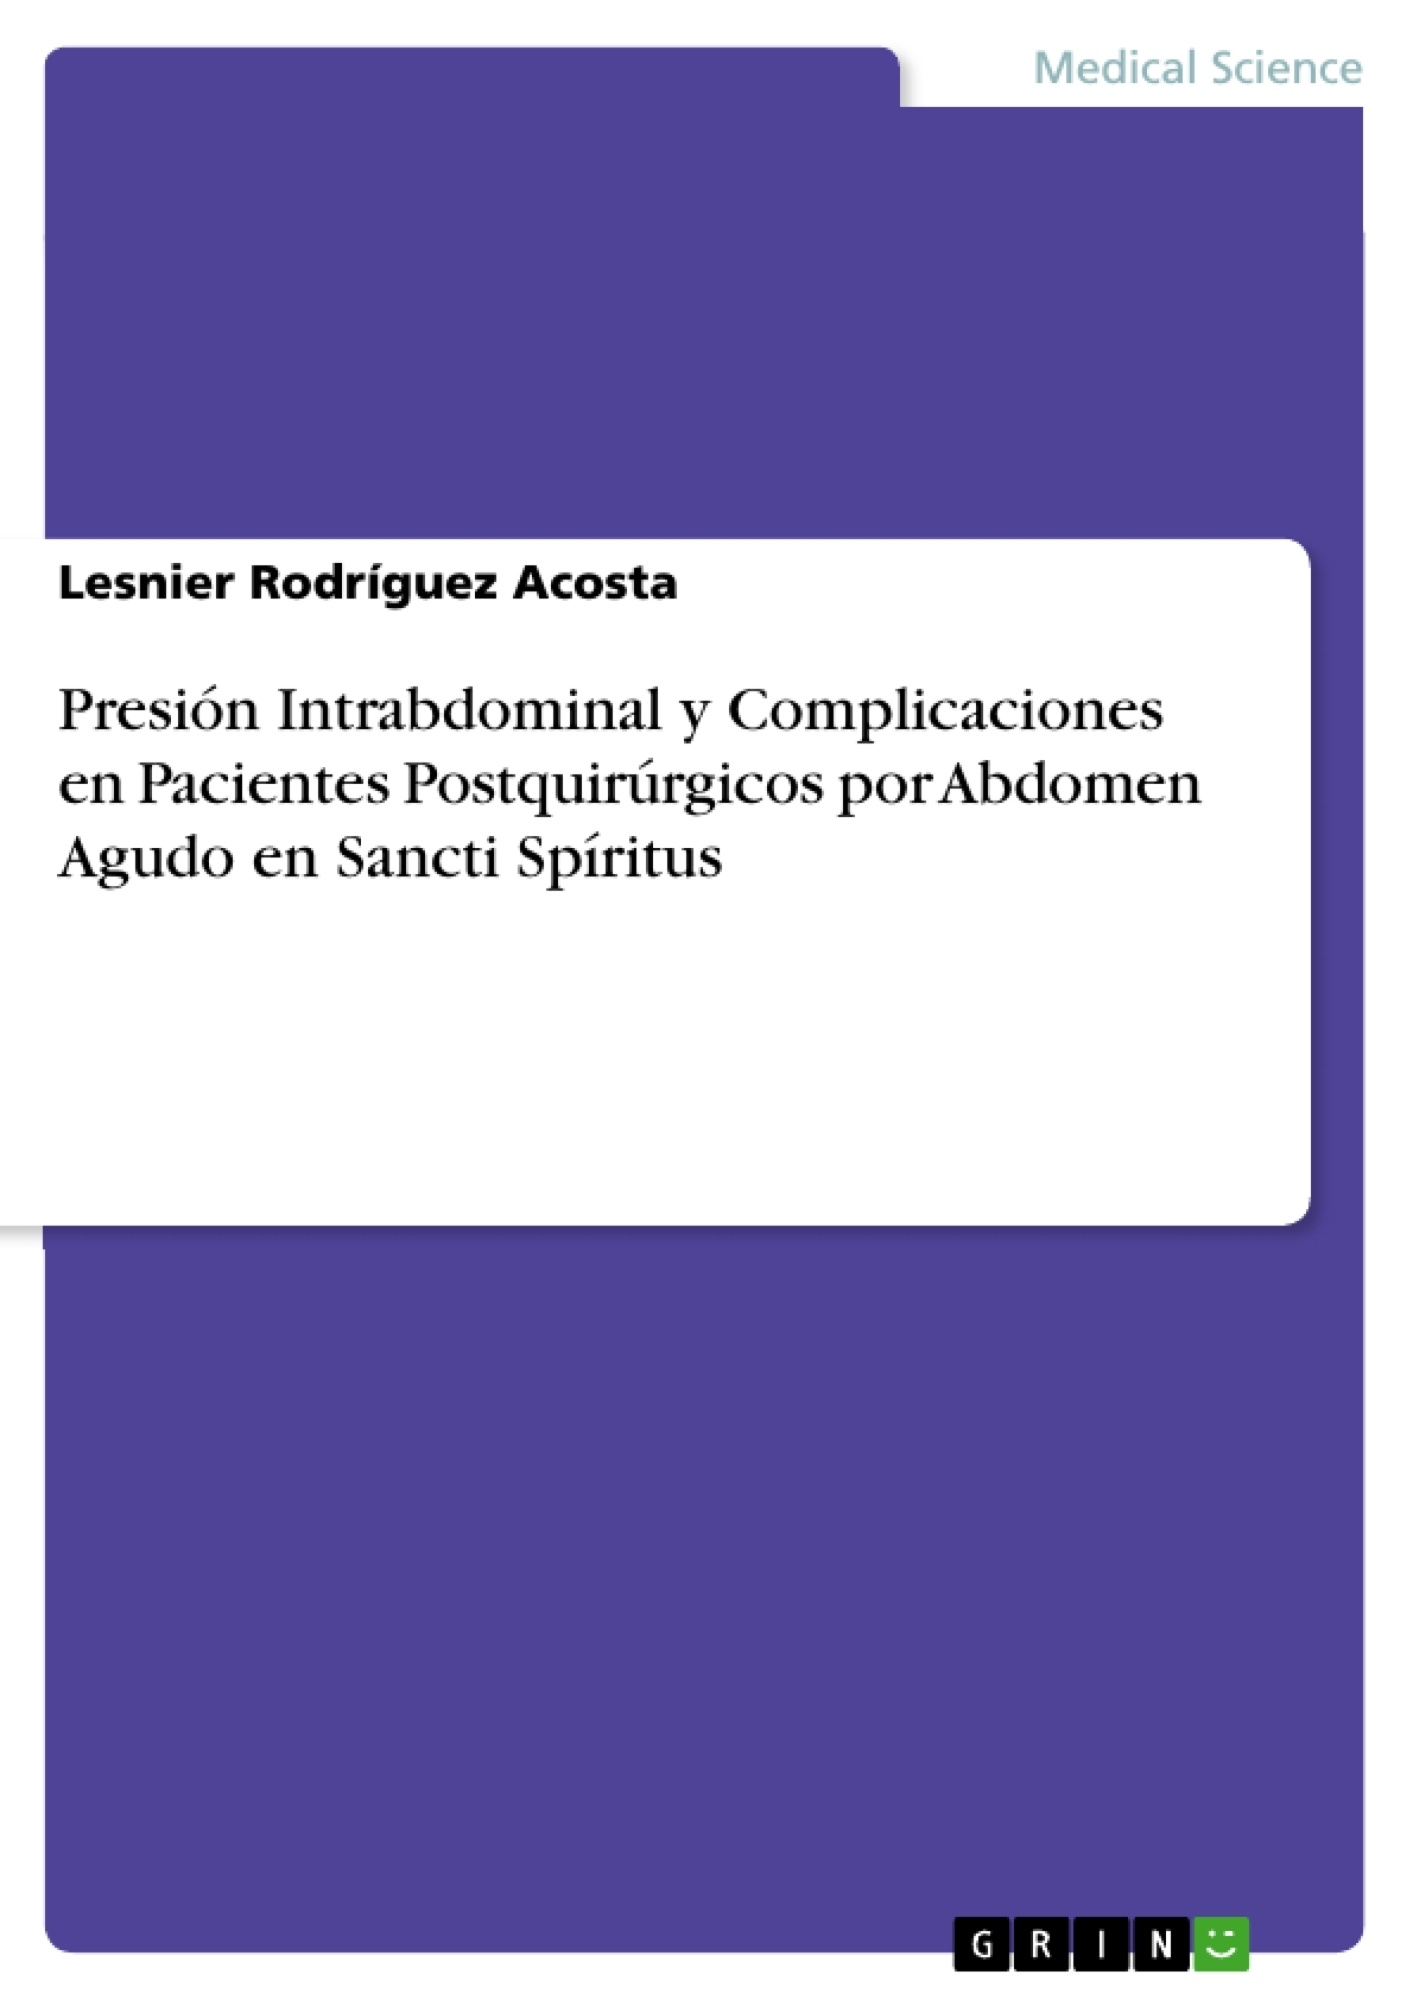 Título: Presión Intrabdominal y Complicaciones en Pacientes Postquirúrgicos por Abdomen Agudo en Sancti Spíritus